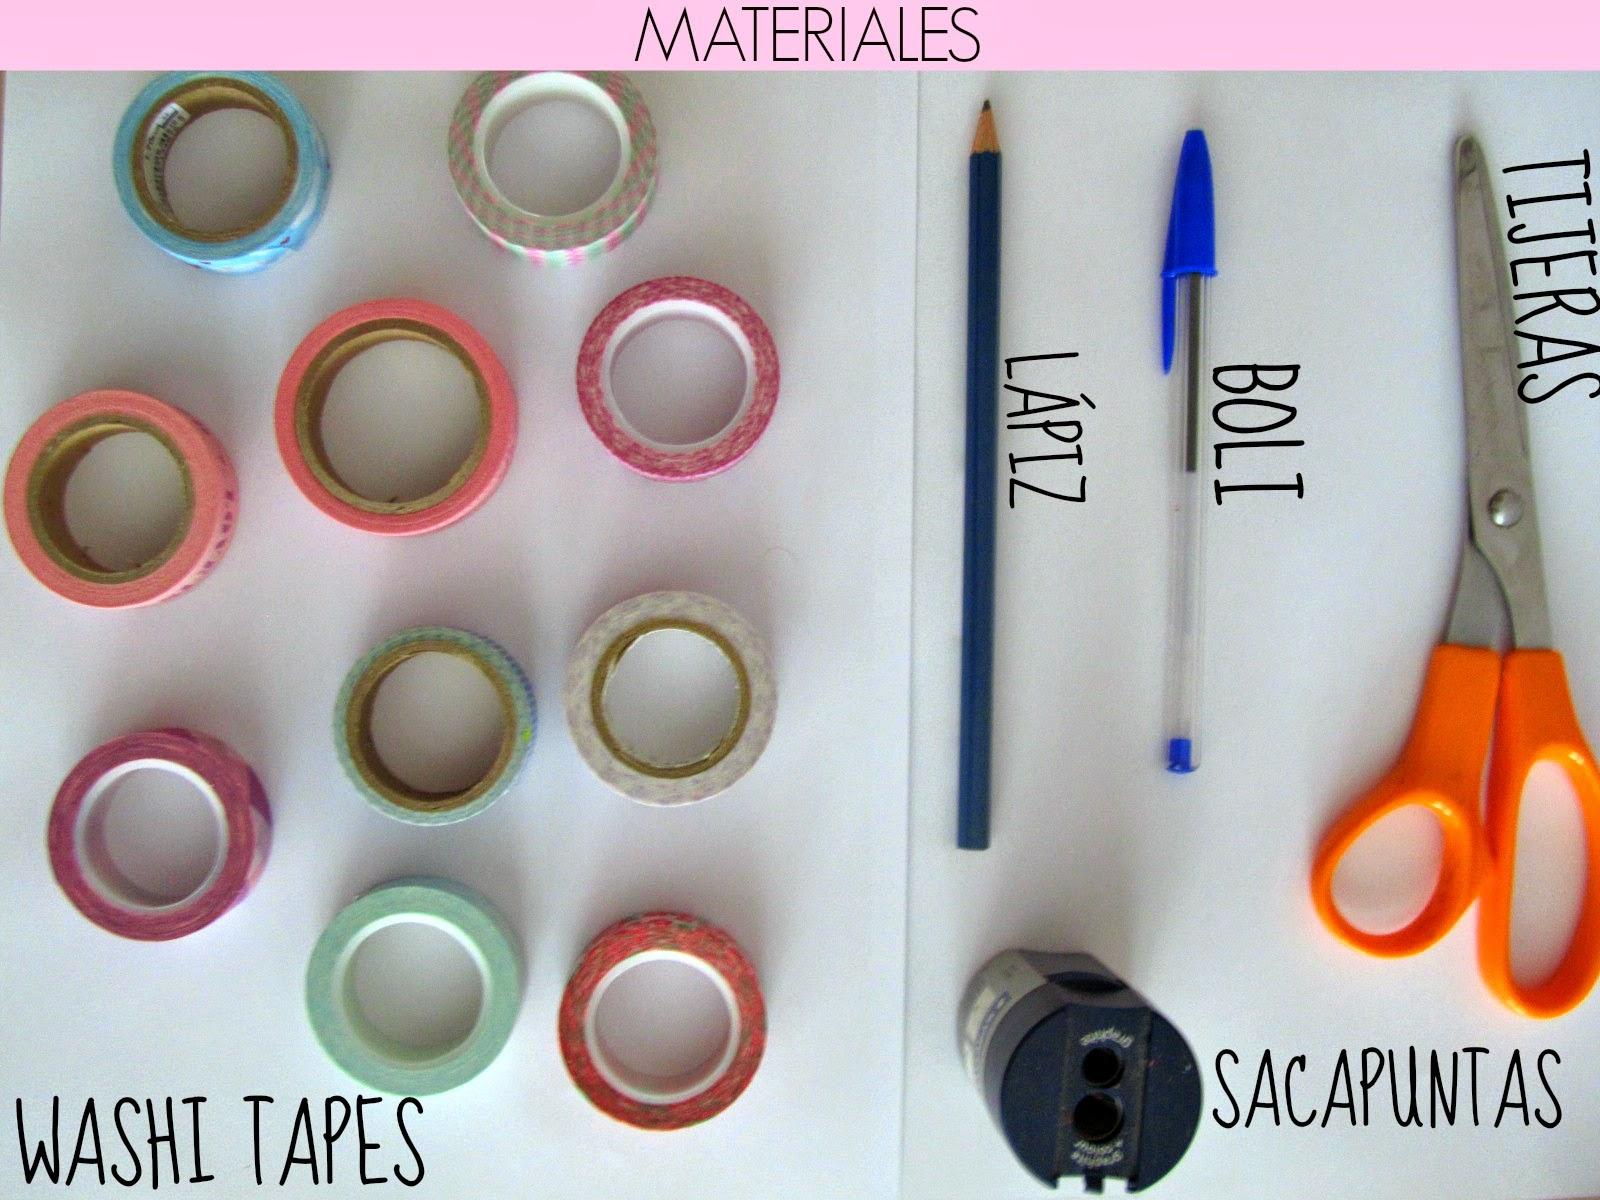 pero bueno vamos a aprender a hacer bolis con washi tape ya veris que es muy fcil y queda sper bien all vamos con los materiales